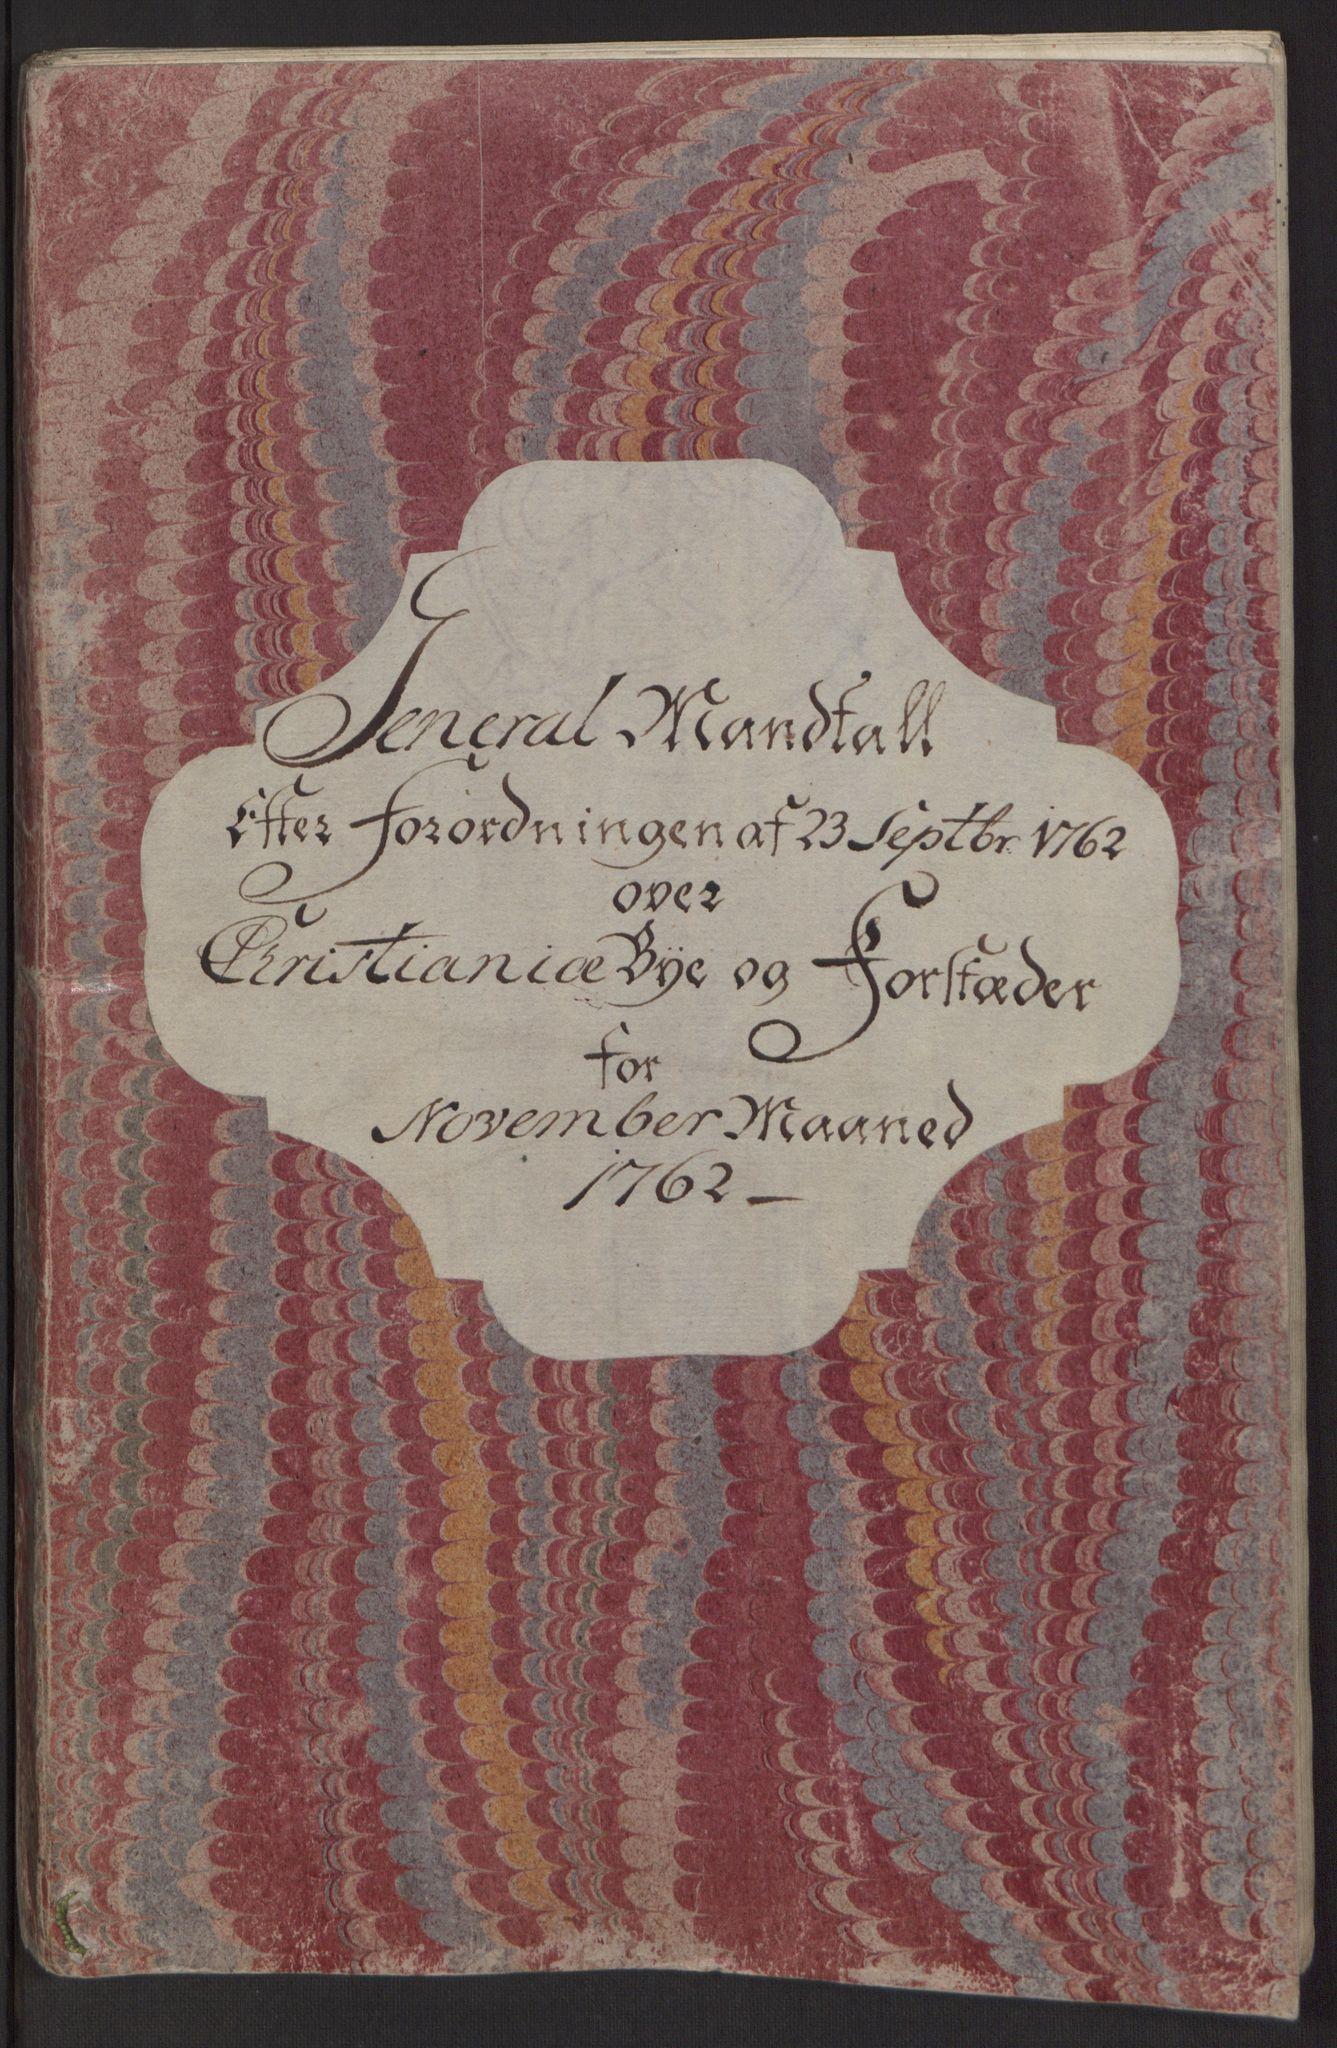 RA, Rentekammeret inntil 1814, Reviderte regnskaper, Byregnskaper, R/Re/L0071: [E13] Kontribusjonsregnskap, 1762, s. 75